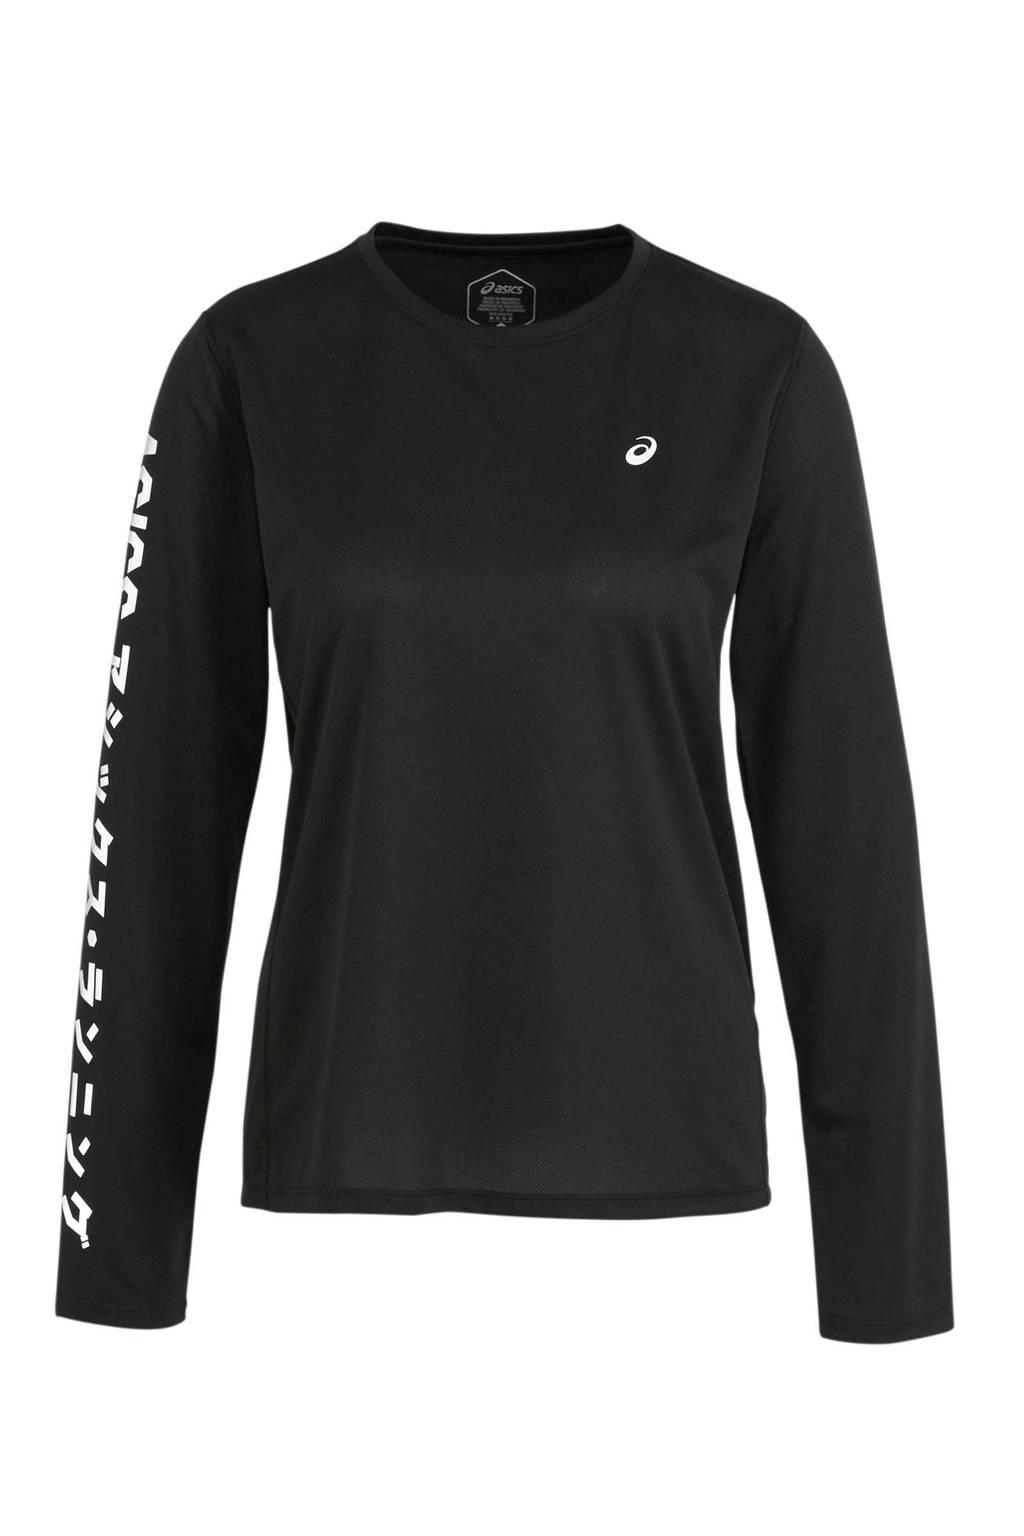 ASICS T-shirt zwart, Zwart